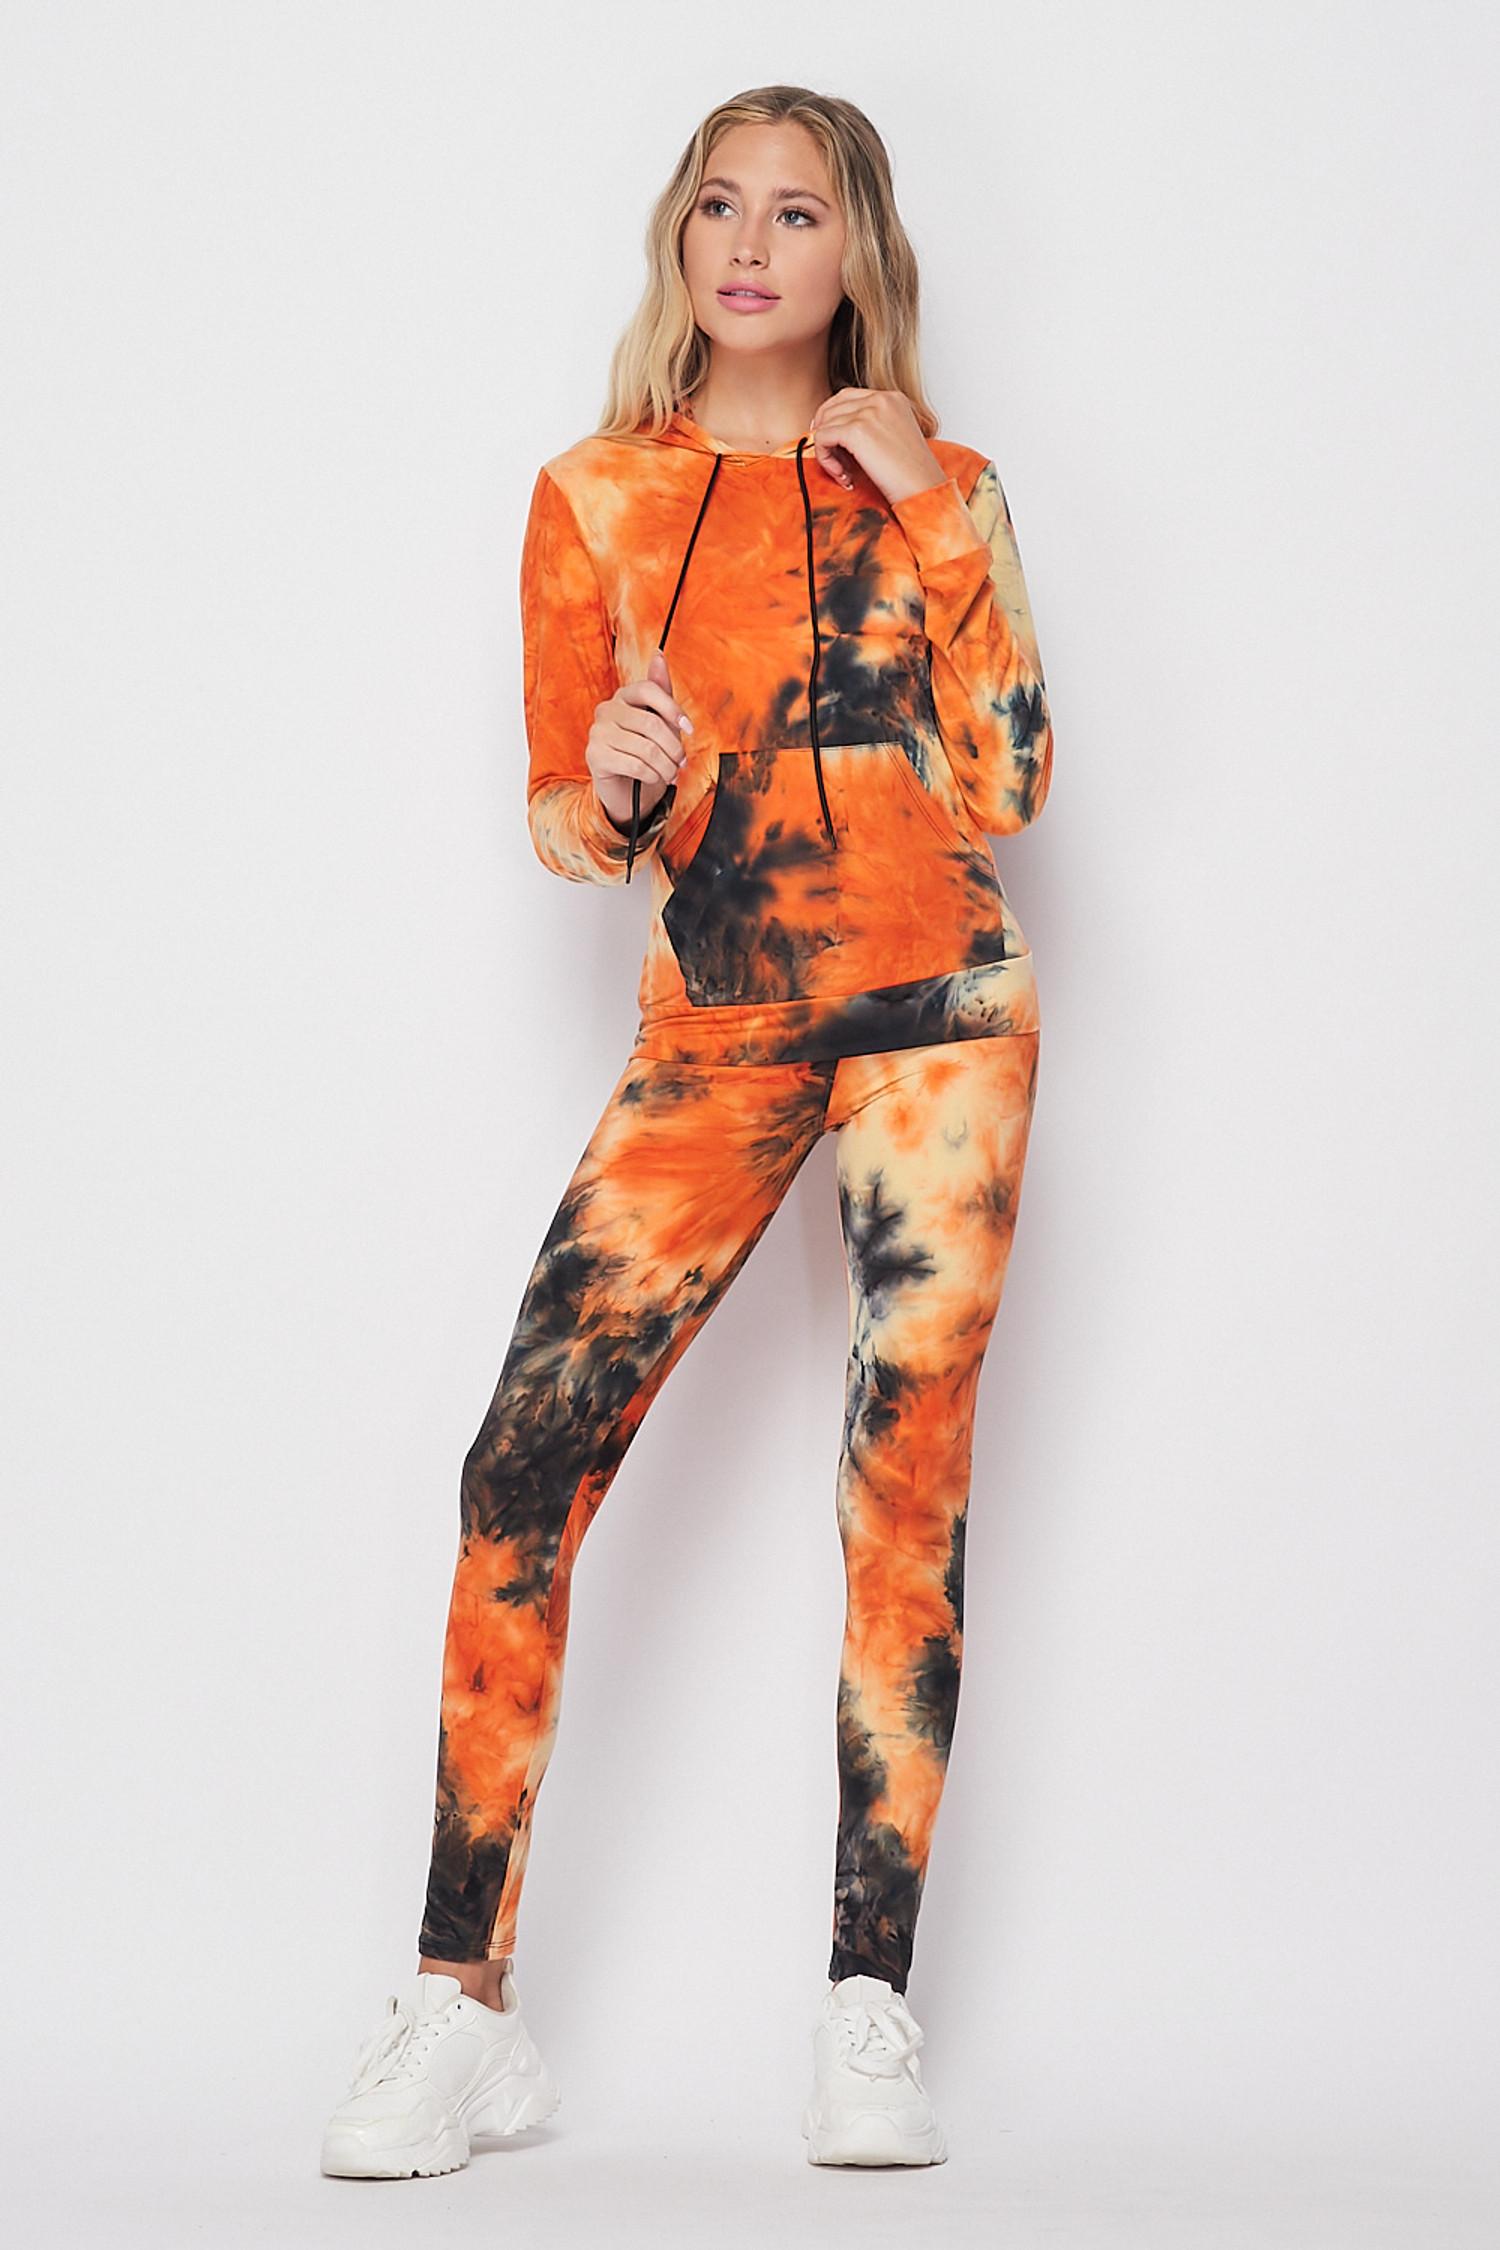 Orange Tie Dye 2 Piece Leggings and Hooded Jacket Set